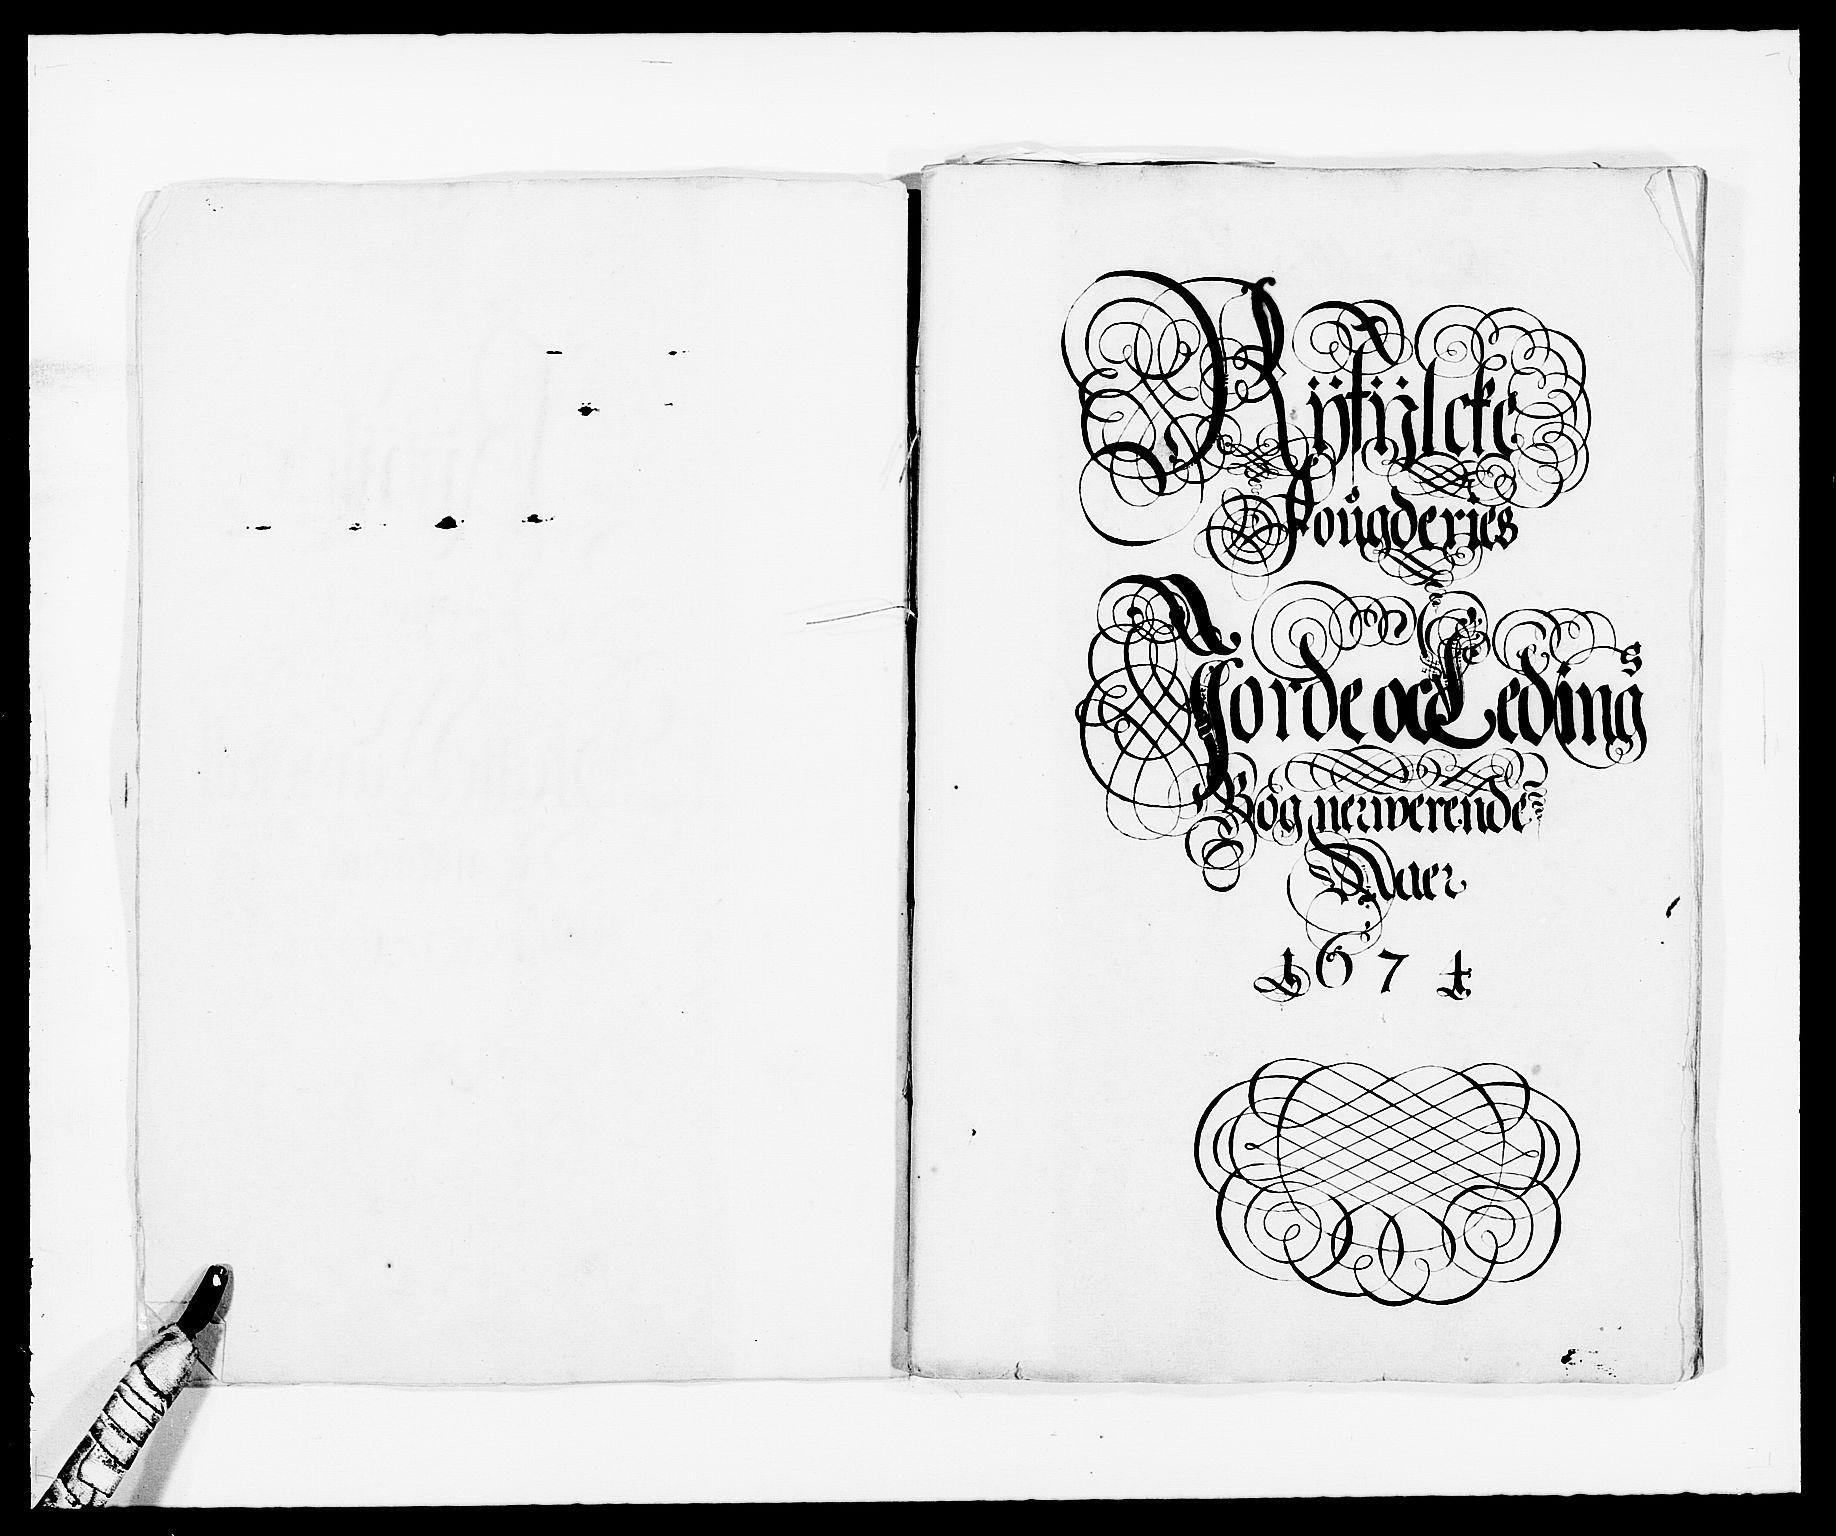 RA, Rentekammeret inntil 1814, Reviderte regnskaper, Fogderegnskap, R47/L2845: Fogderegnskap Ryfylke, 1674-1675, s. 7